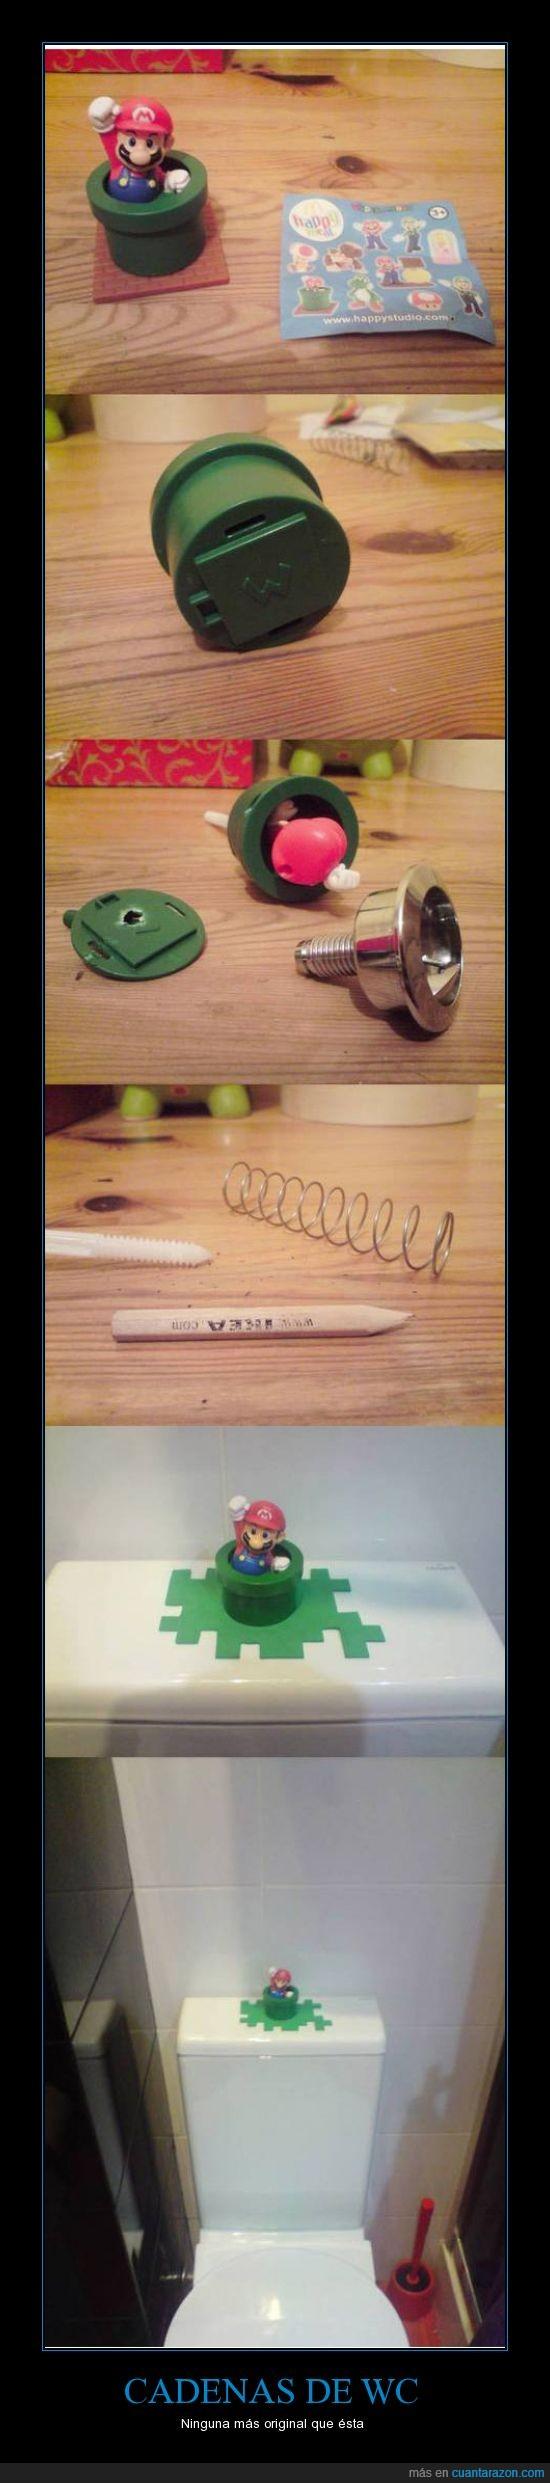 cadena,decoración,juguete,Mario,muelle,original,wc